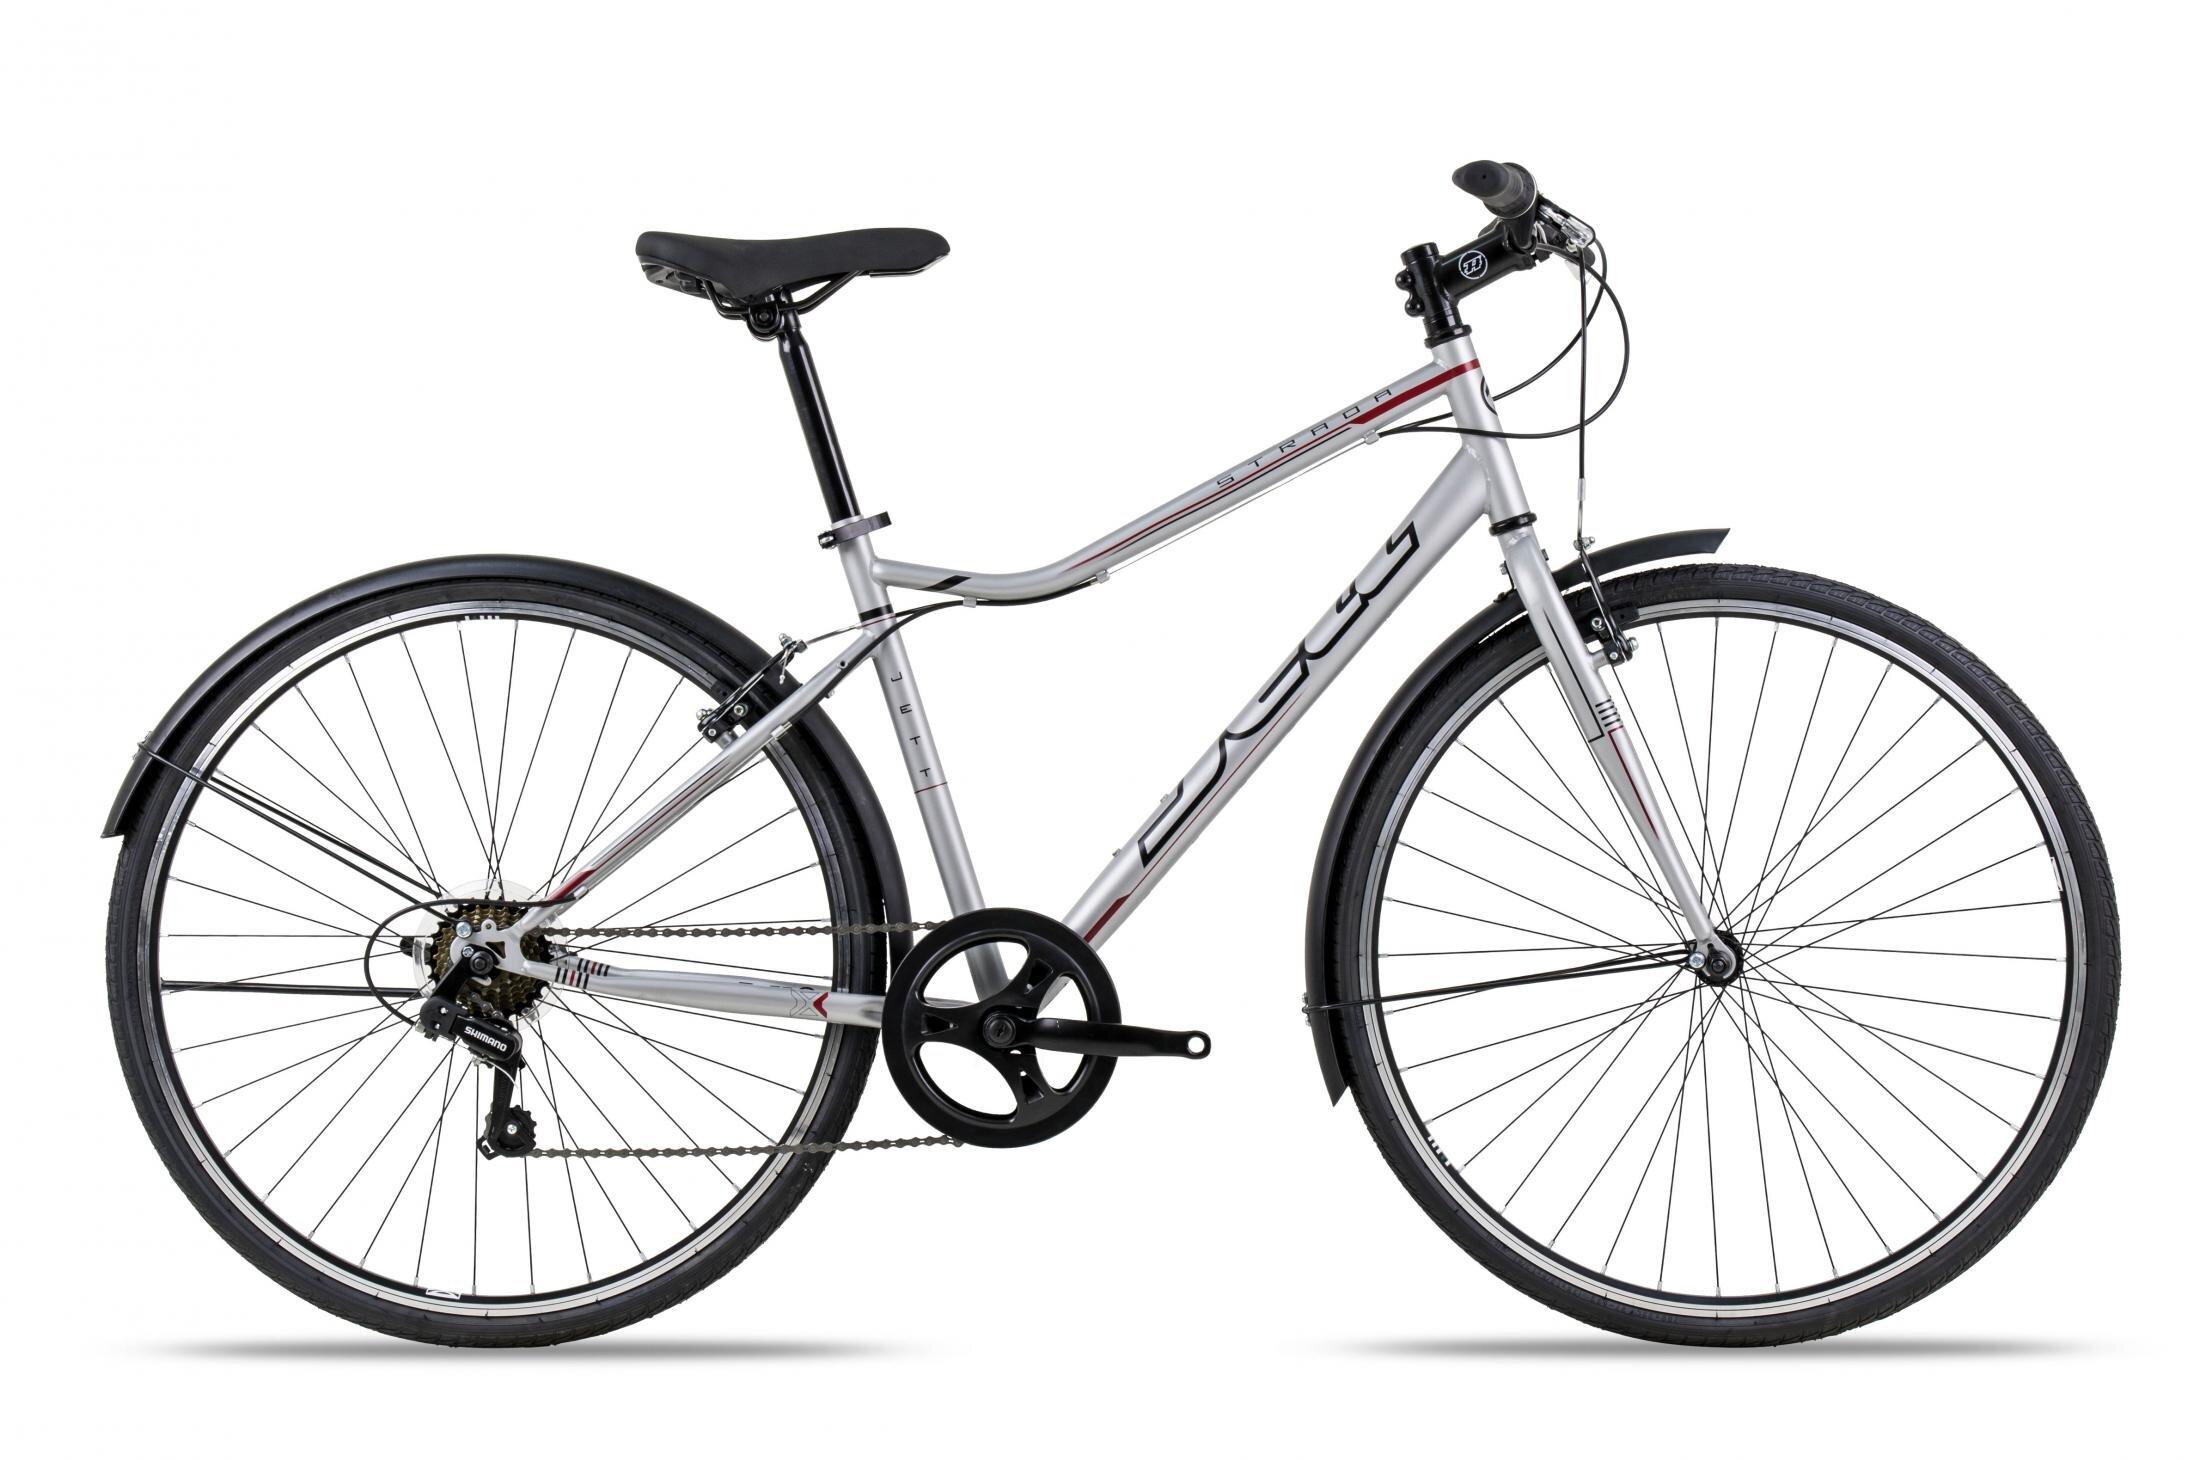 Bảng giá xe đạp thể thao Jett cập nhật thị trường 2/2016